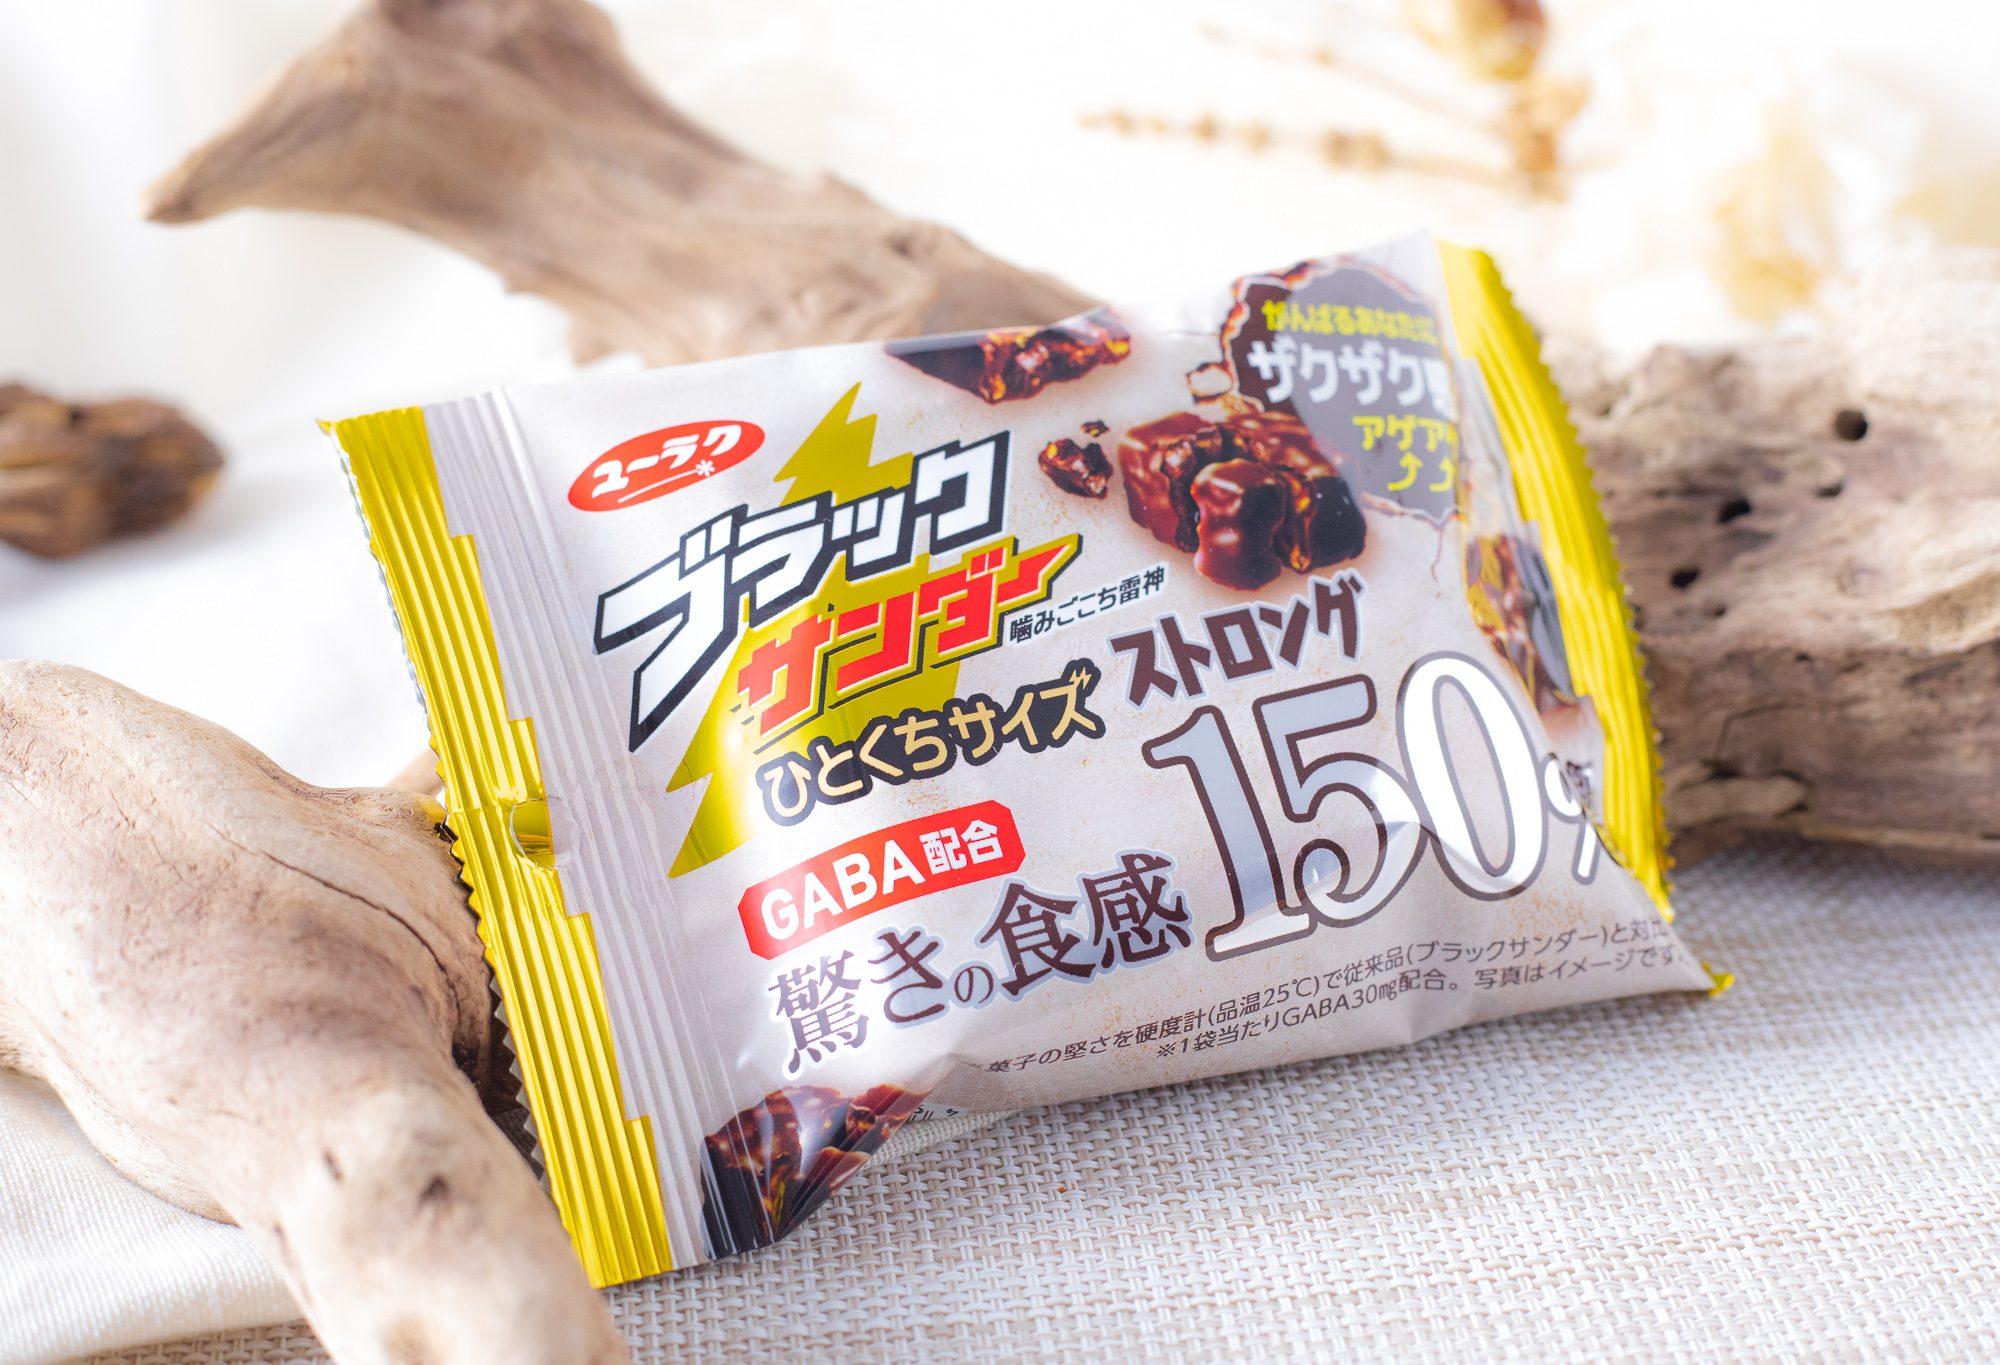 有楽製菓『ブラックサンダーひとくちサイズ ストロング』はザクッとした食感と上品なカカオの風味が心地よいチョコレート菓子!